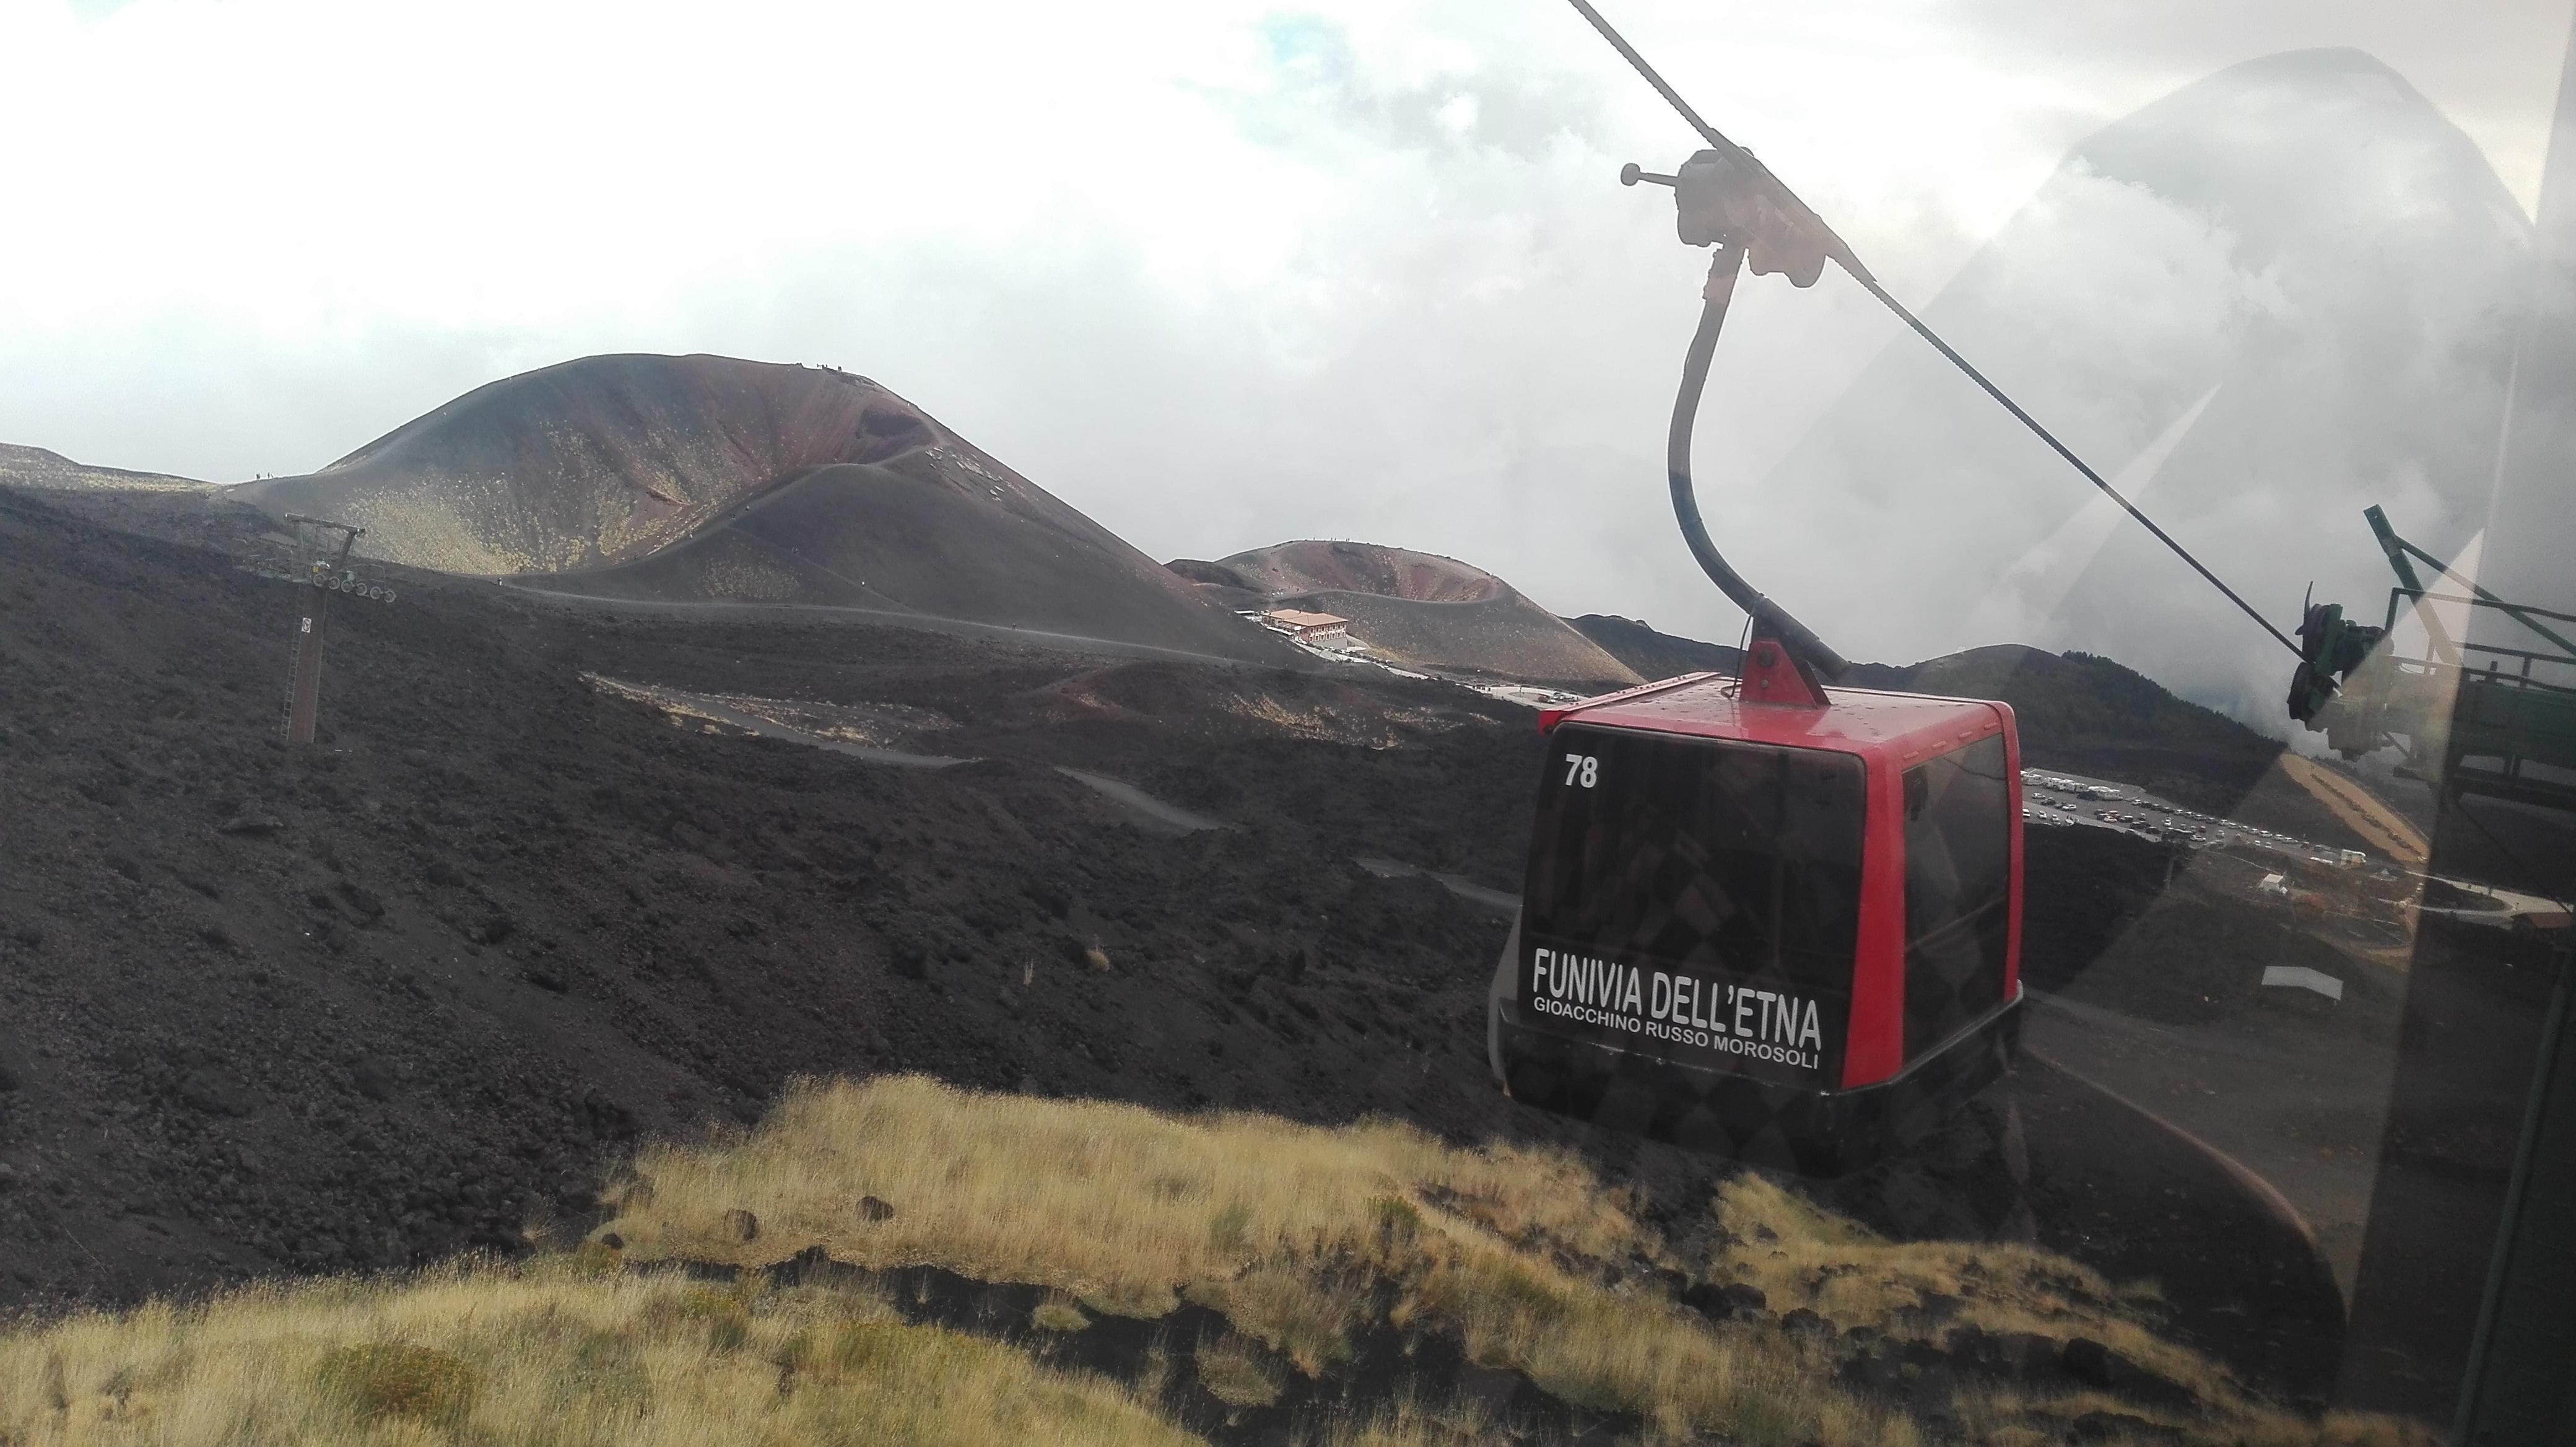 Lanovkou na Etnu s výhľadom na menšie krátery